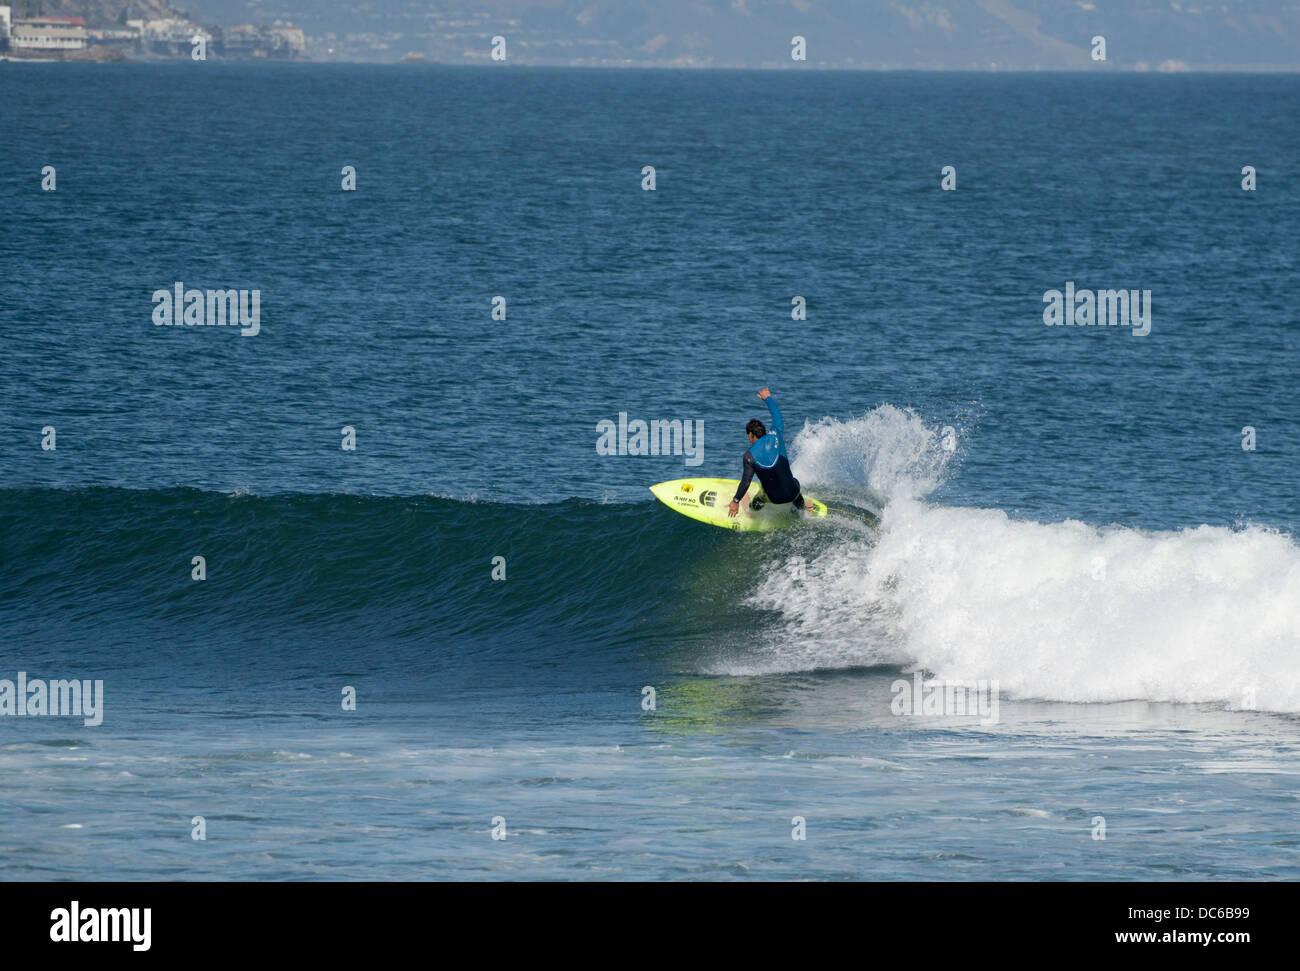 Einsamer Surfer auf einer Welle, Surfrider Beach, Malibu, CA Stockbild